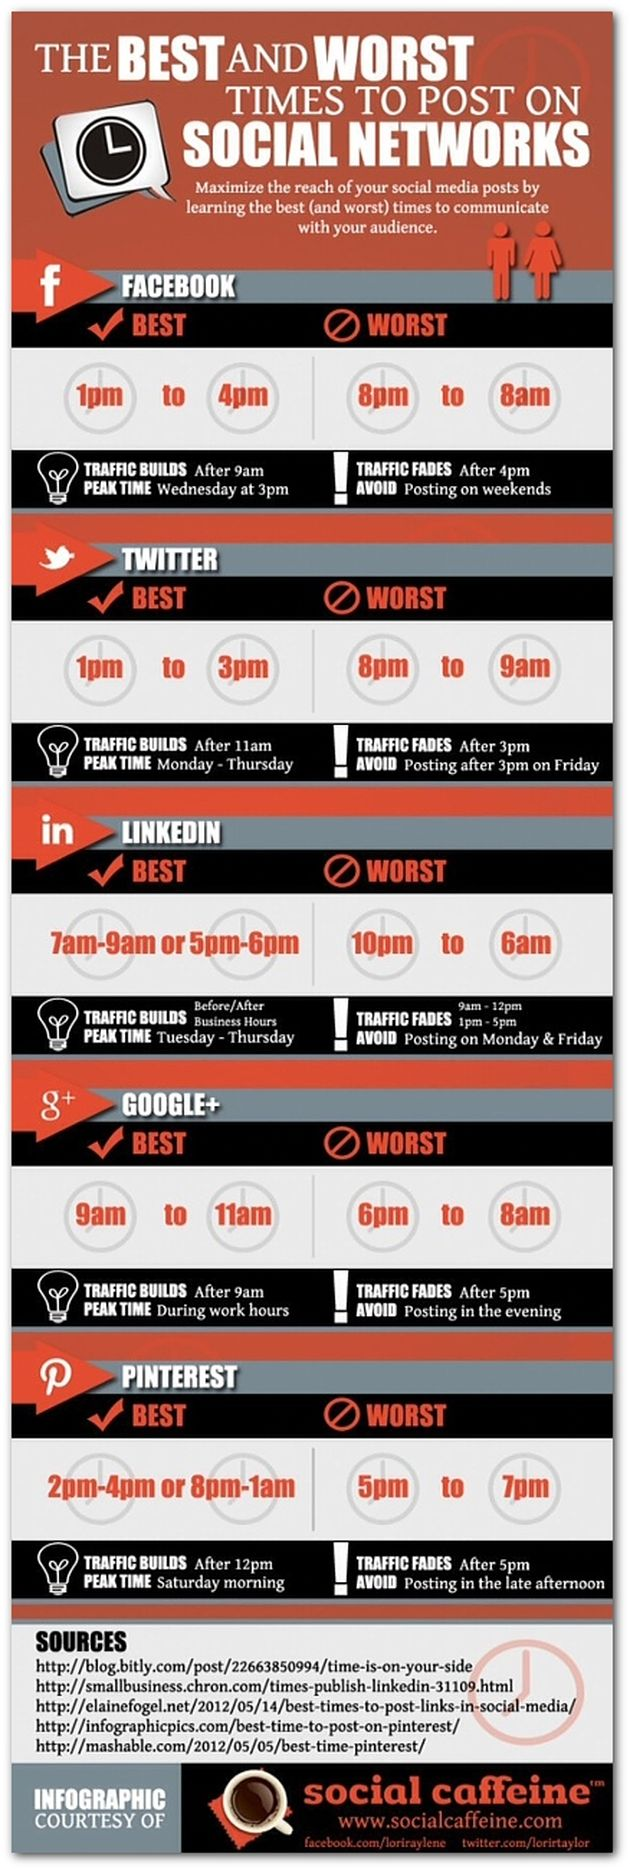 Mejores-y-peores-horarios-para-publicar-en-redes-sociales2